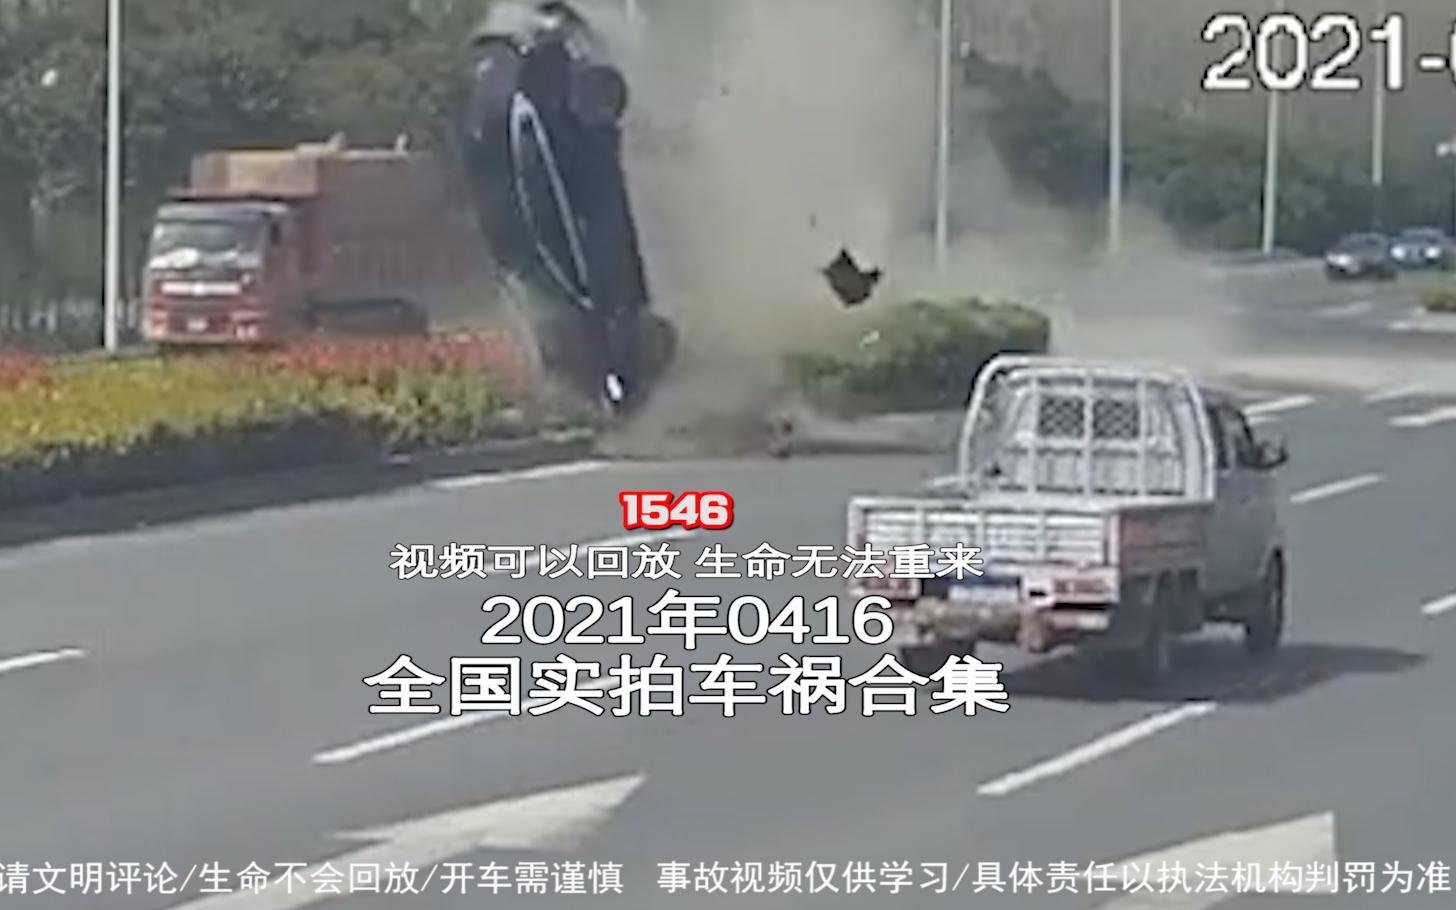 1546期:交警下车检查车辆,小车慌忙倒车撞倒电动车【20210416全国车祸合集】